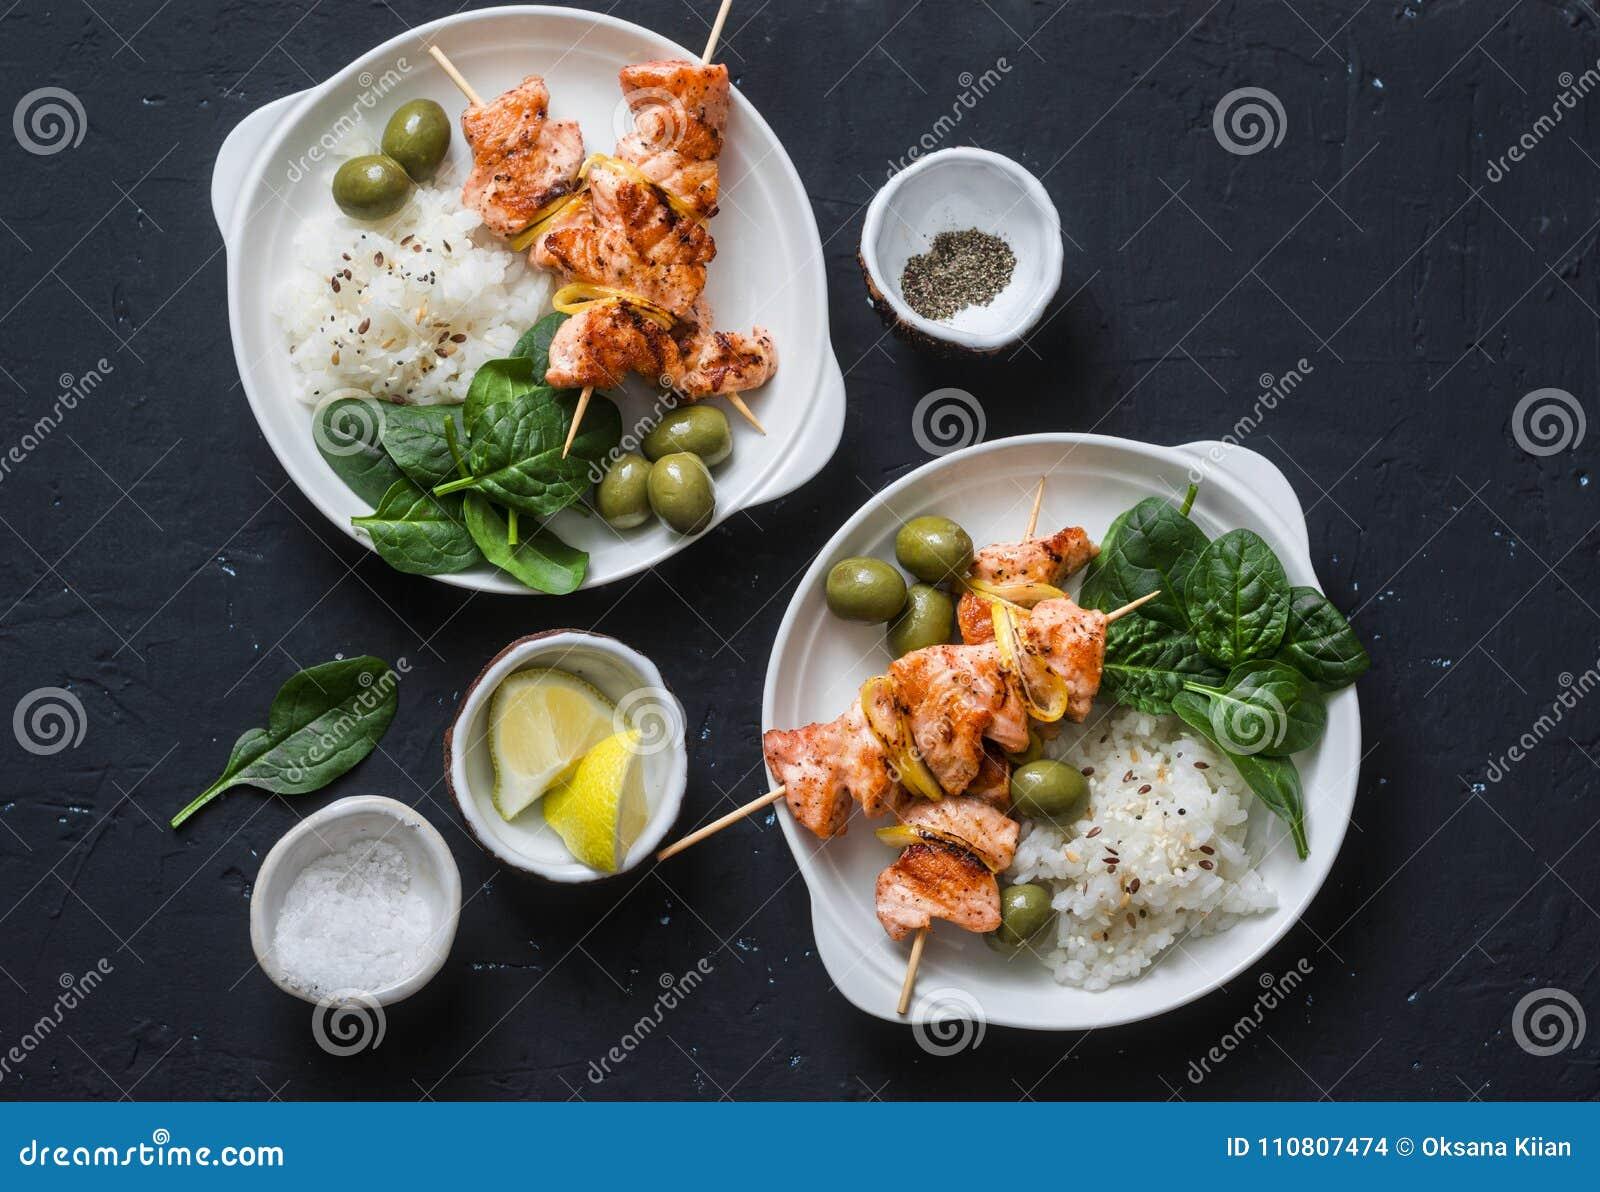 Laxsteknålar, oliv, spenat, ris - sund lunchtabell Grillad laxfisksteknål och sidomaträtt på en mörk bakgrund